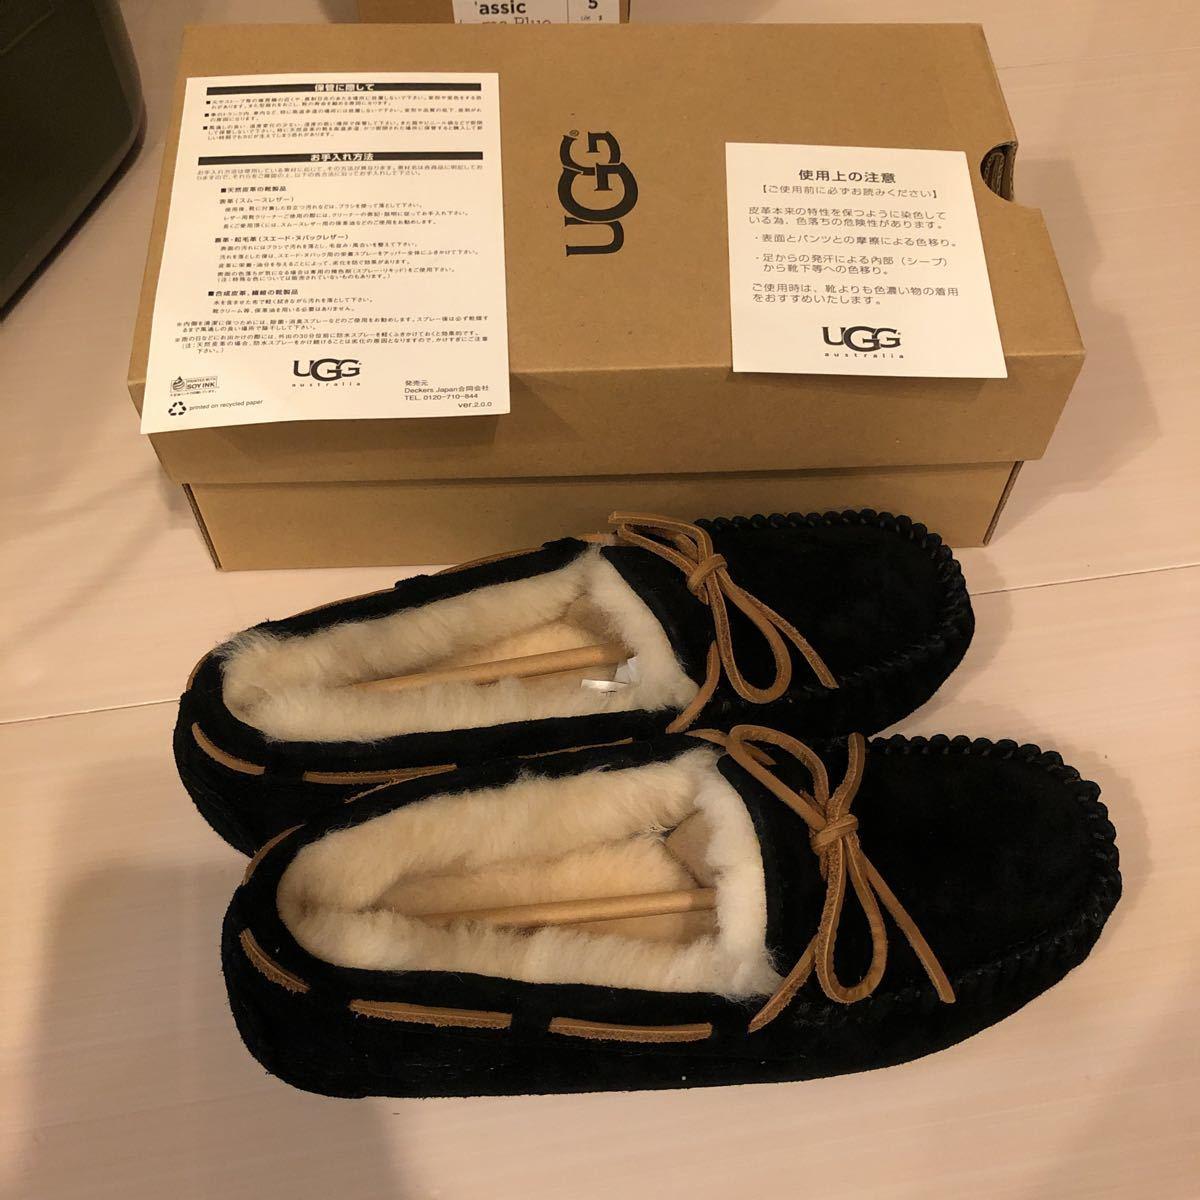 新品 UGG アグ DAKOTA ダコタ ブラック 黒 5612 シューズ 靴 レディース 23.0cm